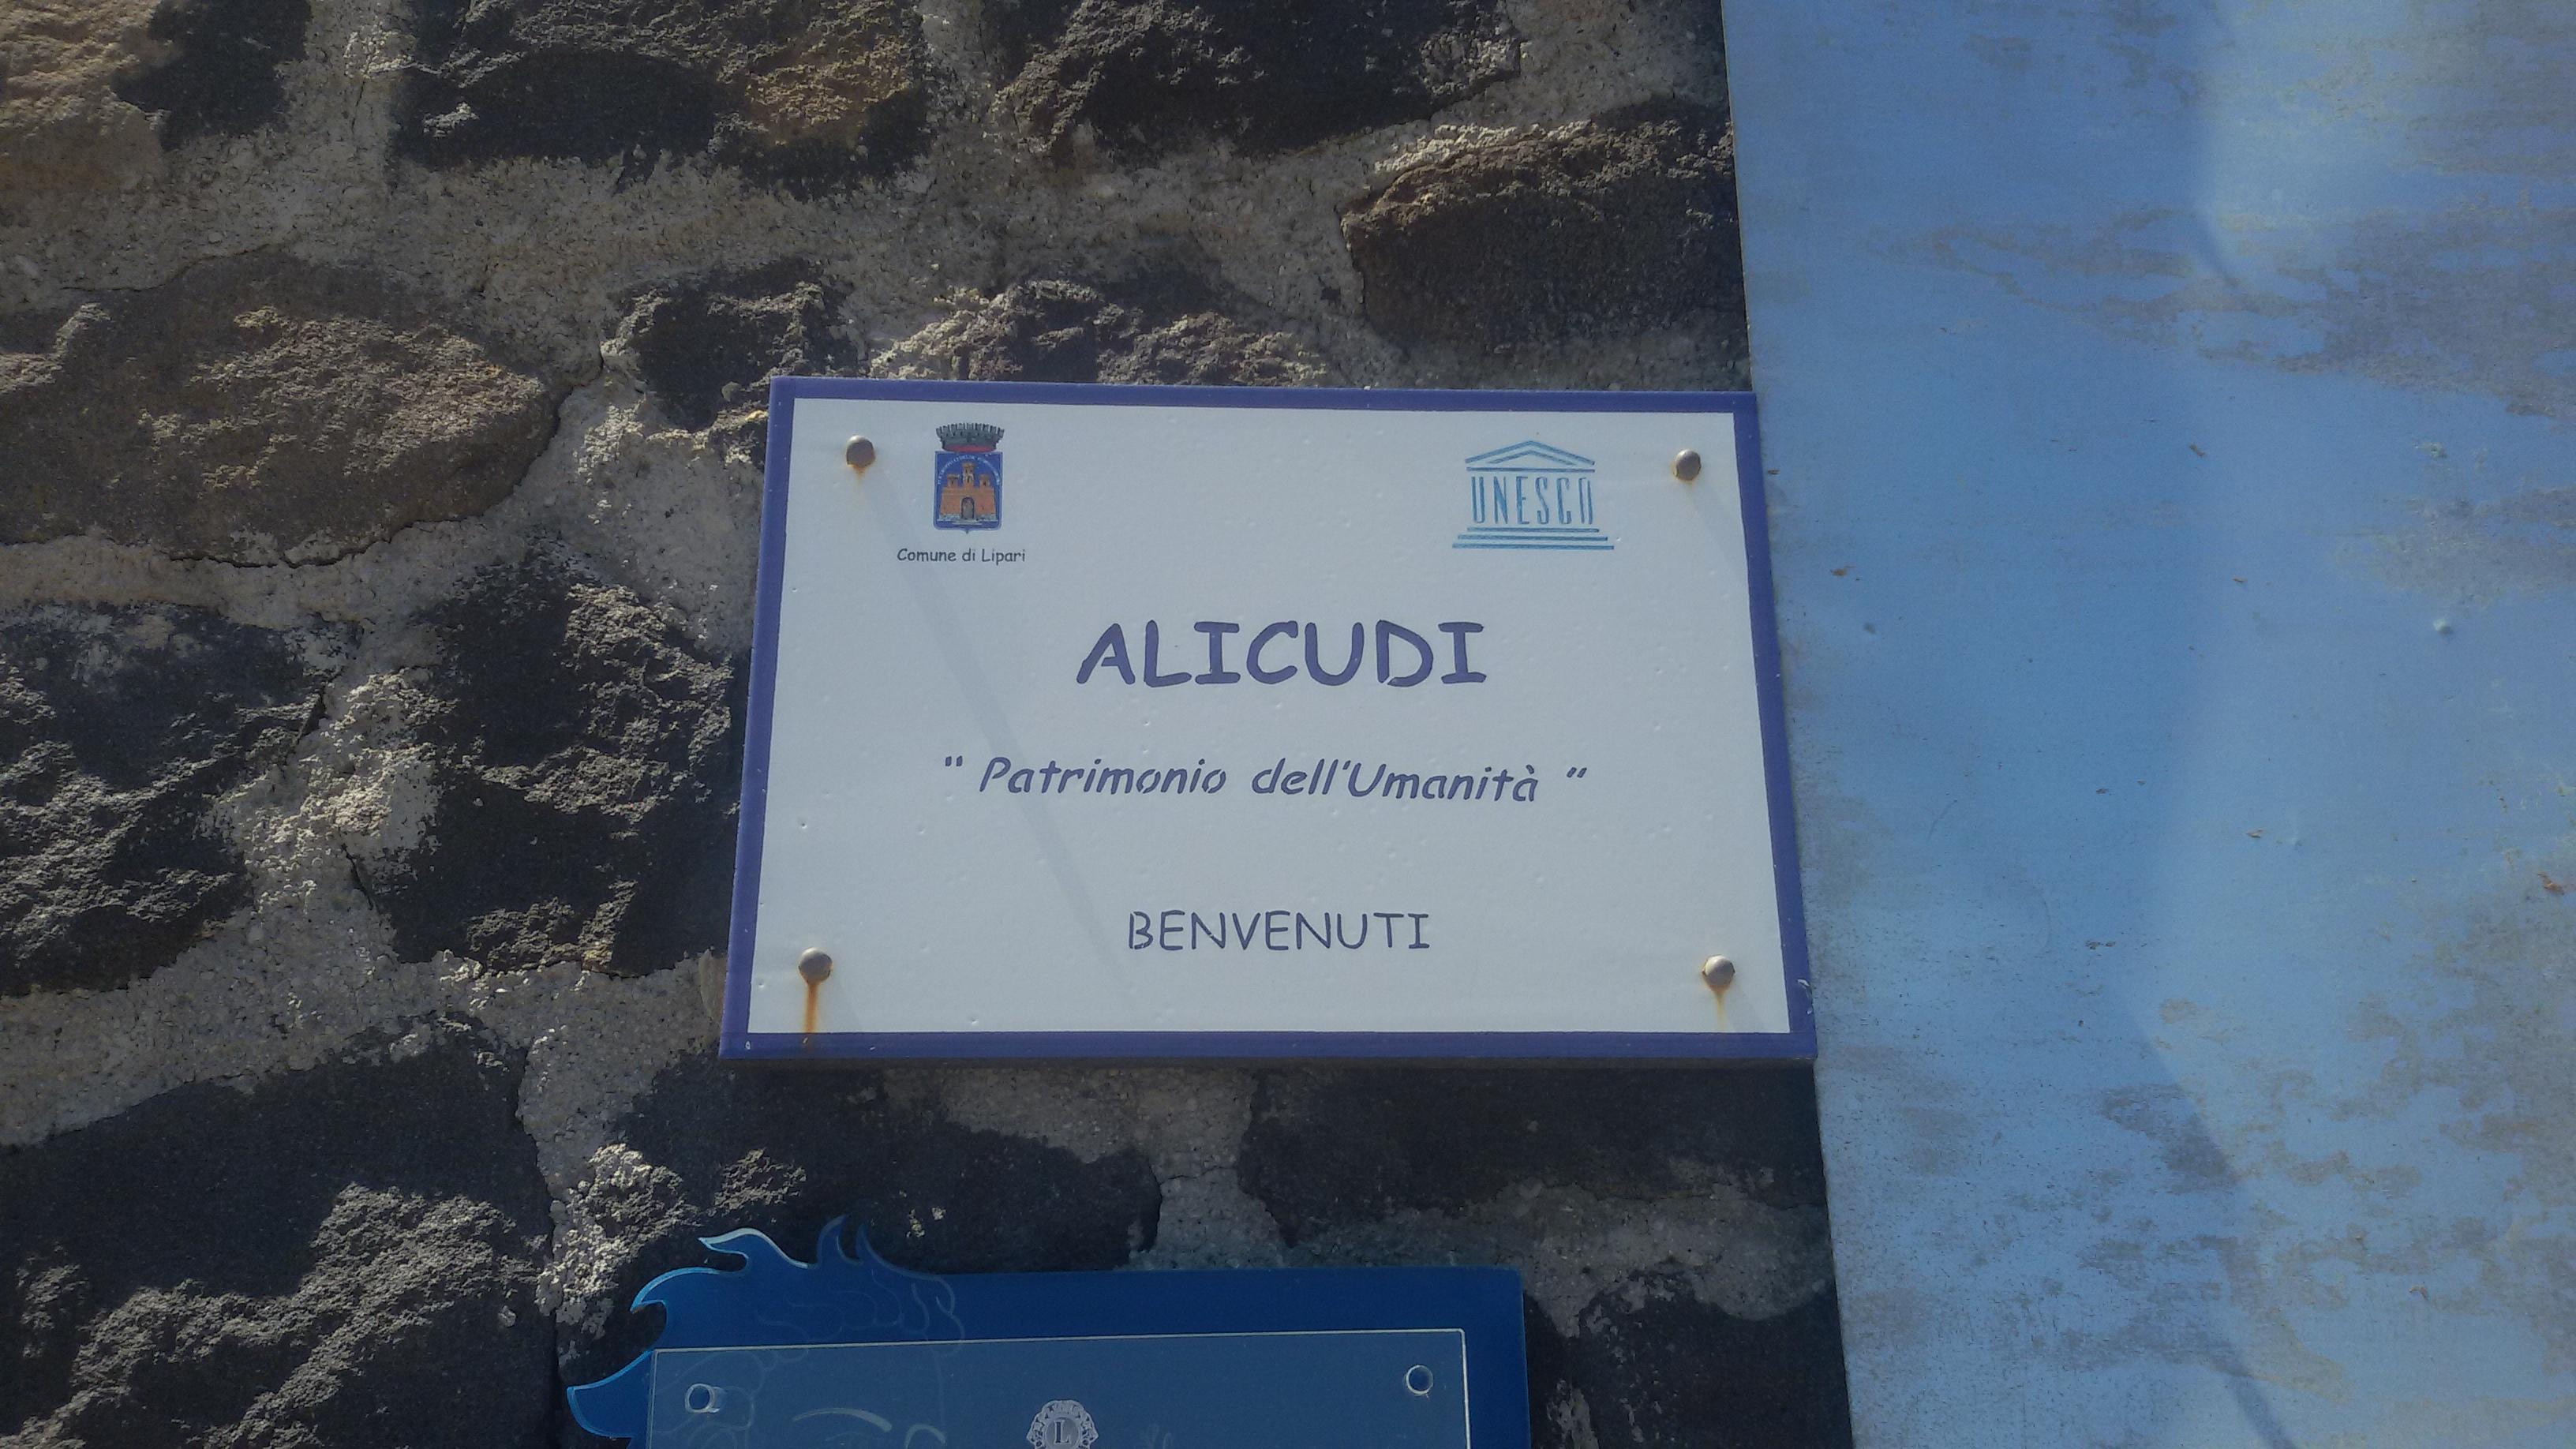 alicudi